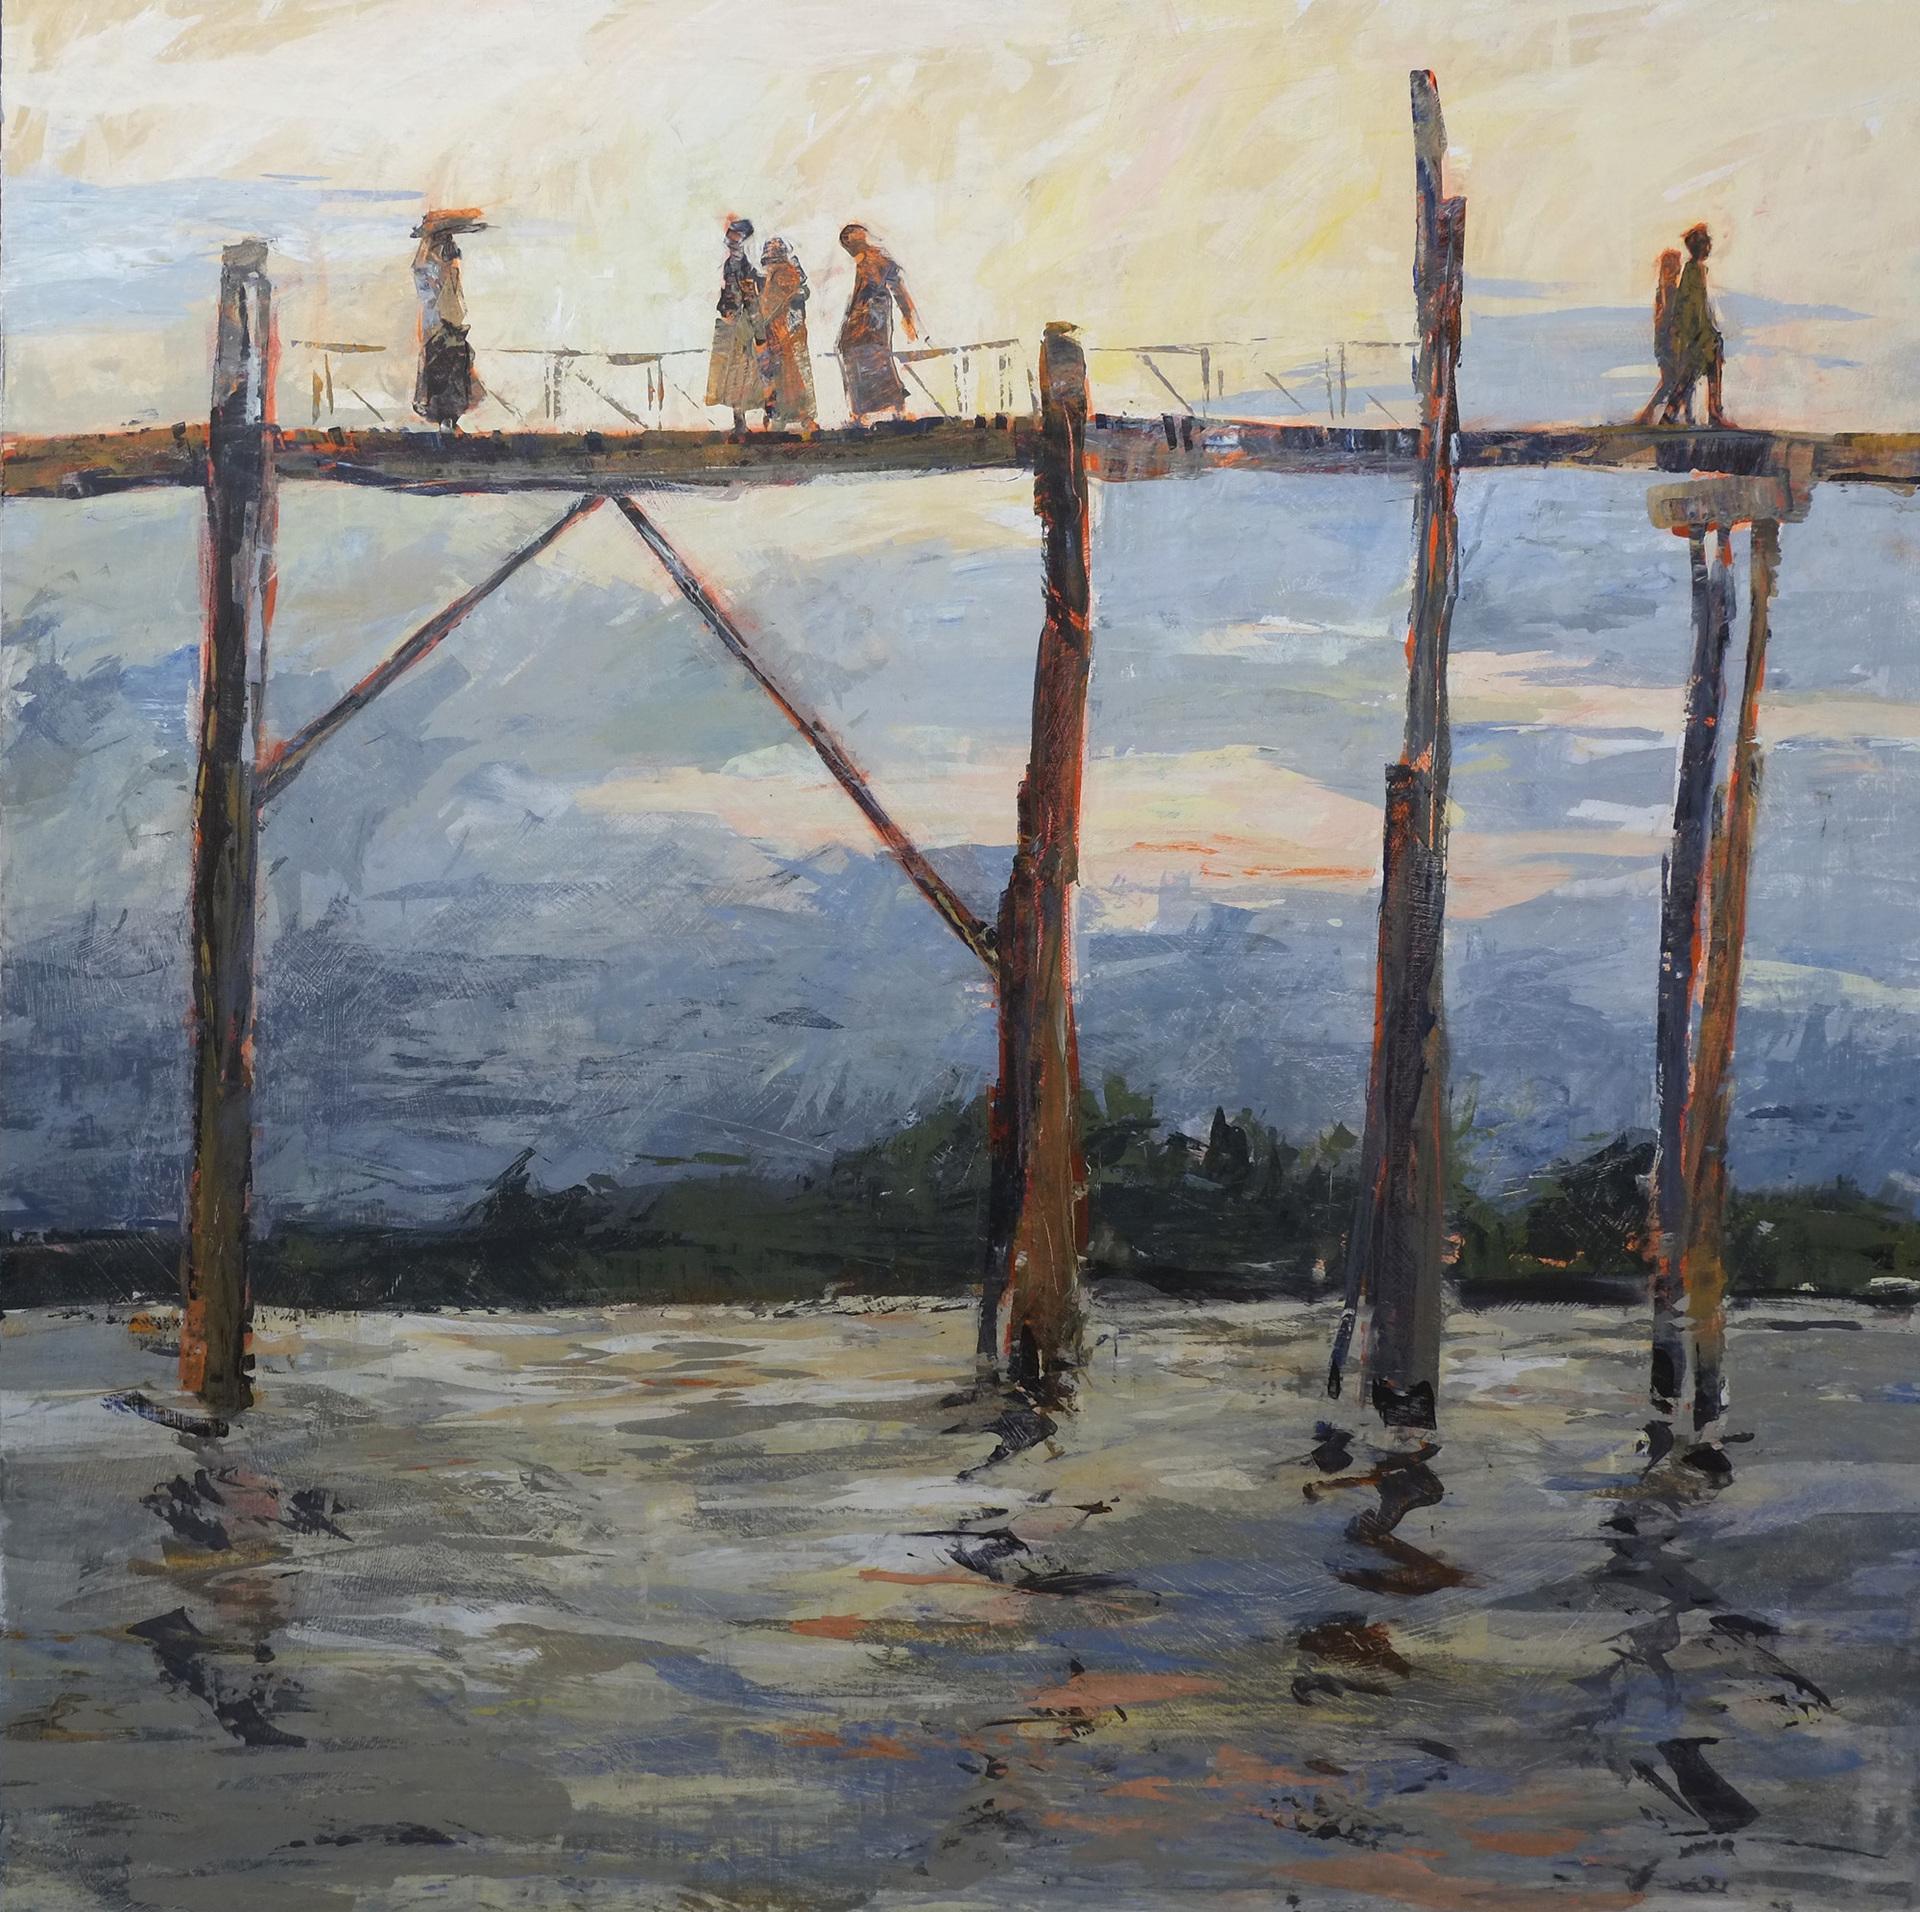 Jean Brodie, Paths